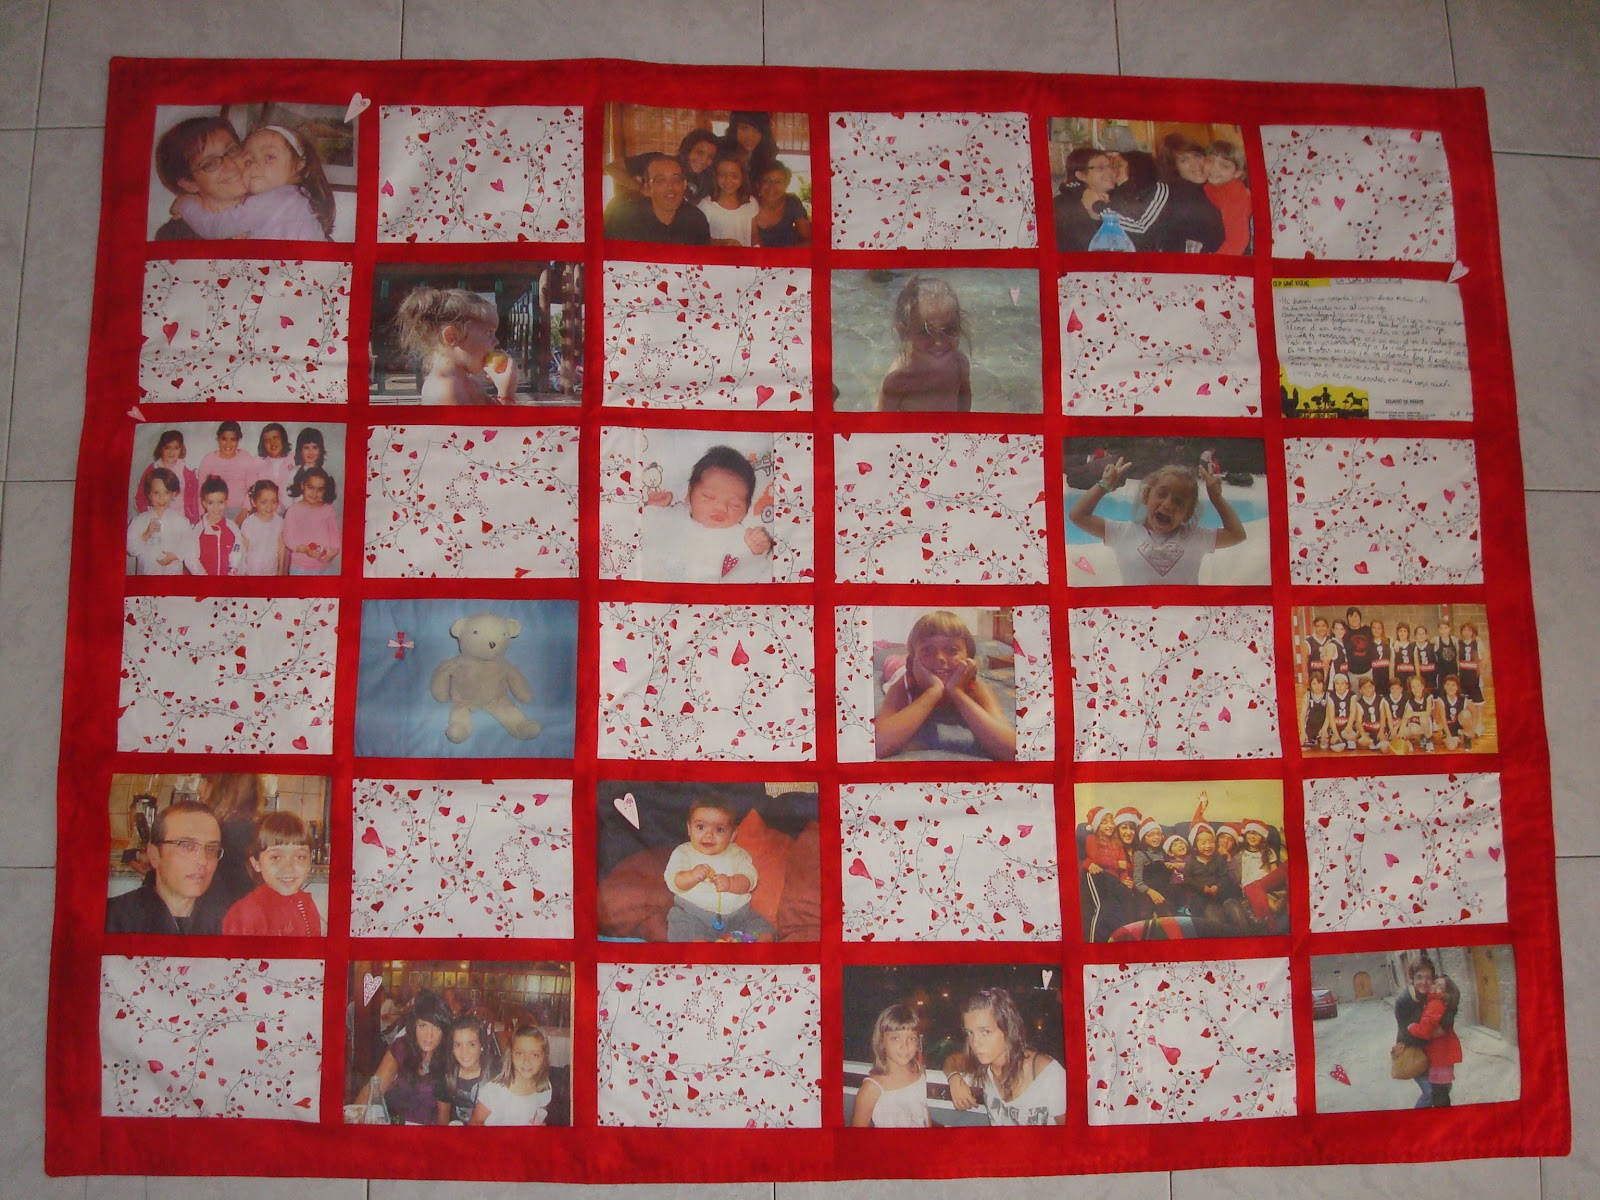 Martona patchwork detalles de comuni n - Como hacer un cuadro con fotos familiares ...